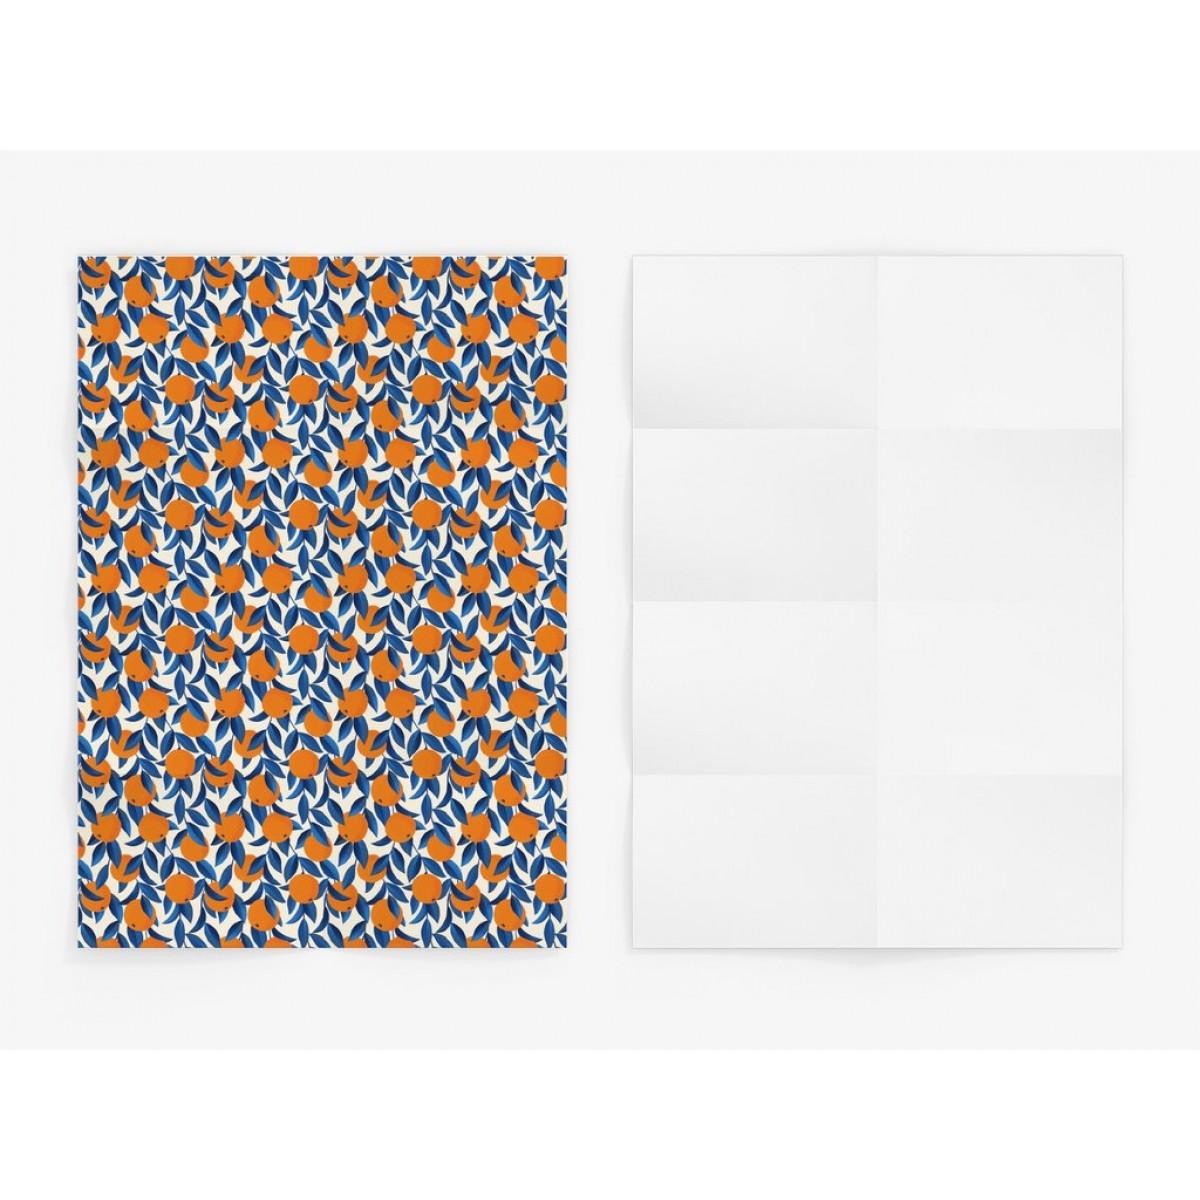 typealive / Geschenkpapier / Fruity Wrap No. 1 (gefaltet)